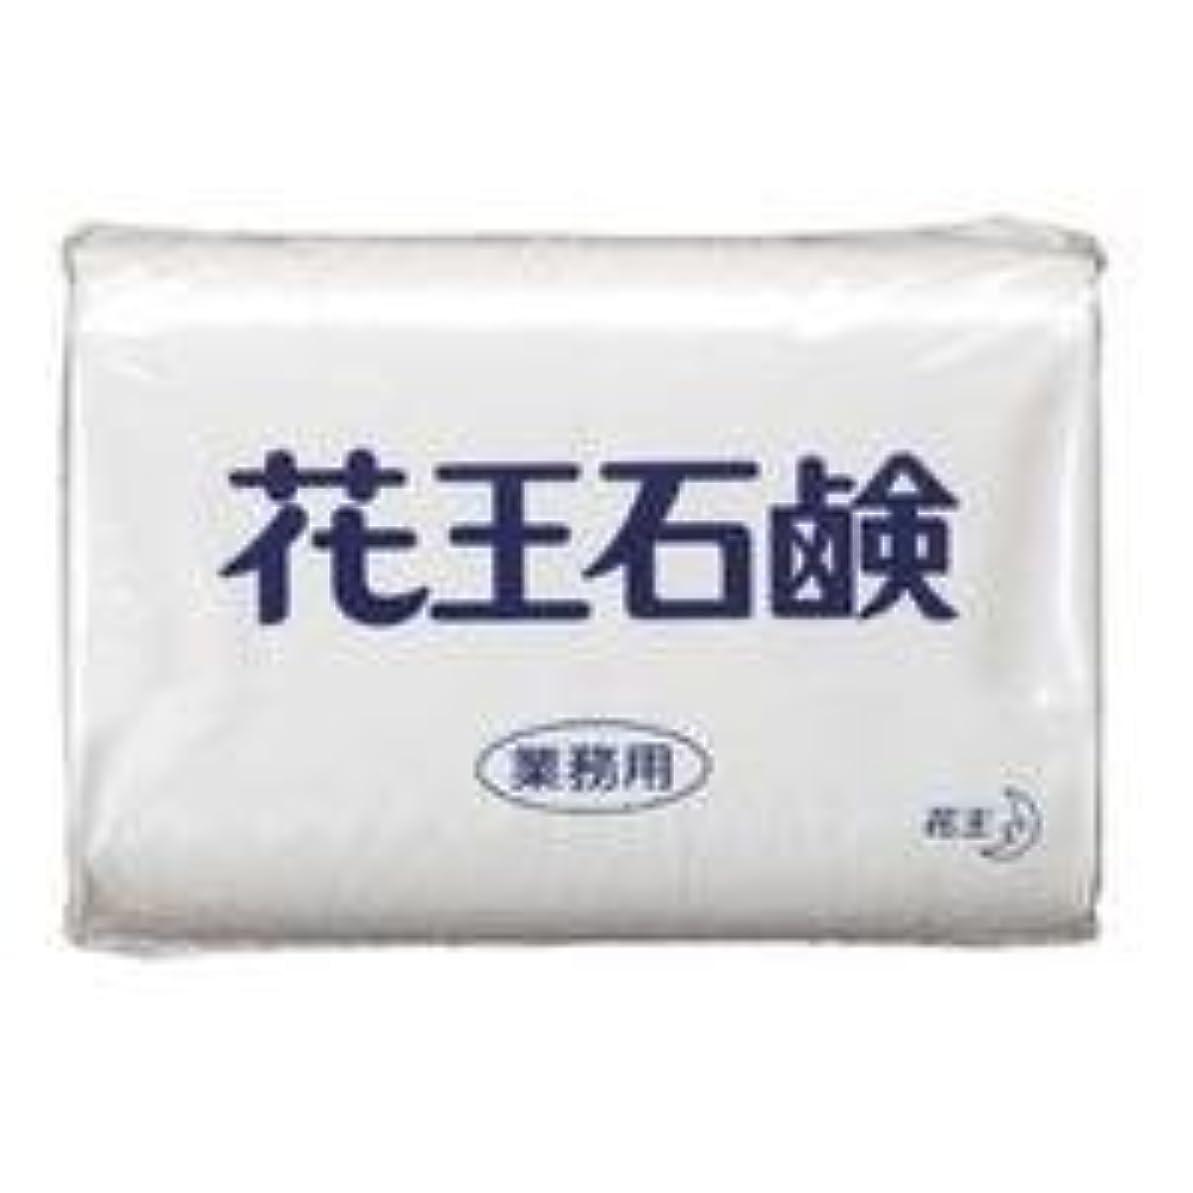 スケートエキス交渉する業務用石鹸 85g 3個×40パック(120個入り)